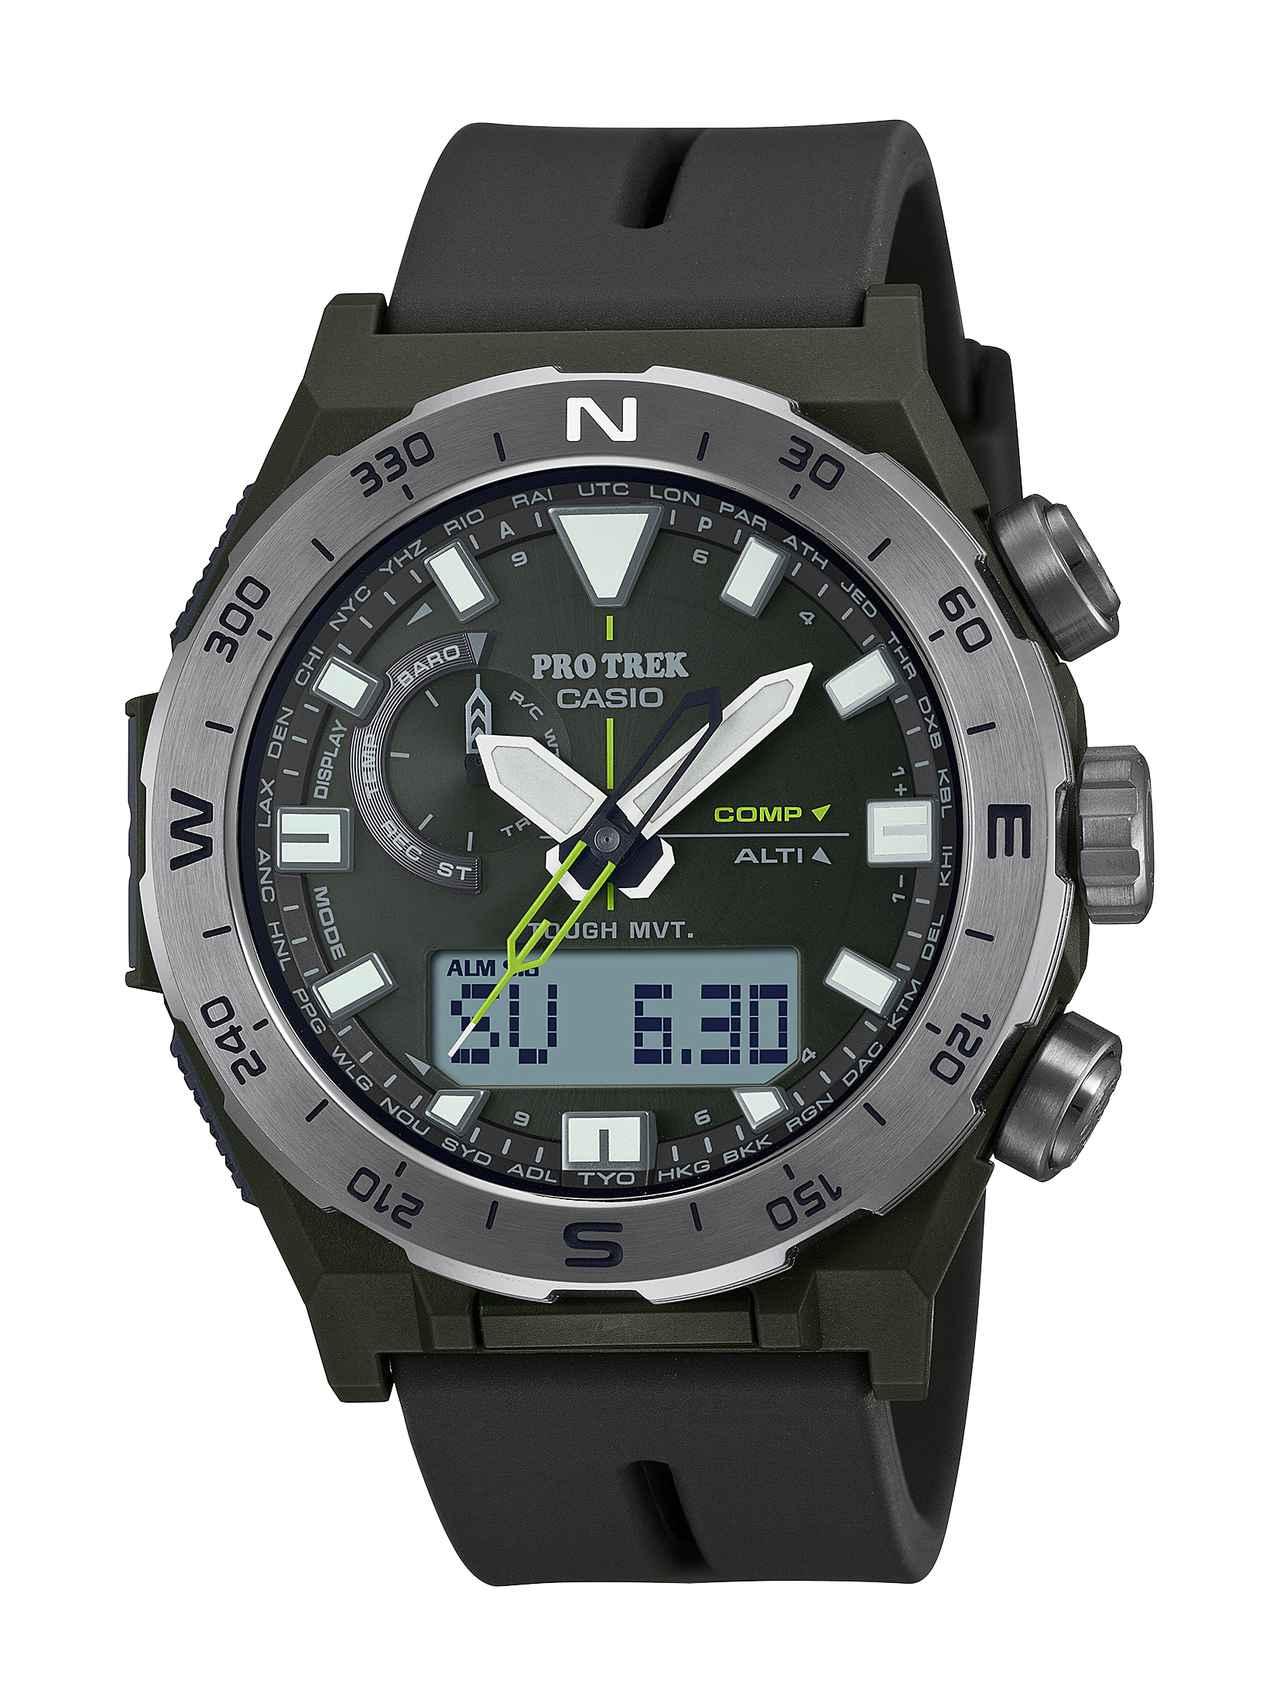 画像9: 方位計測機能に特化したプロトレックの腕時計が新登場! 回転ベゼルを採用、紙の地図との併用を想定した旅するハイテクウォッチ